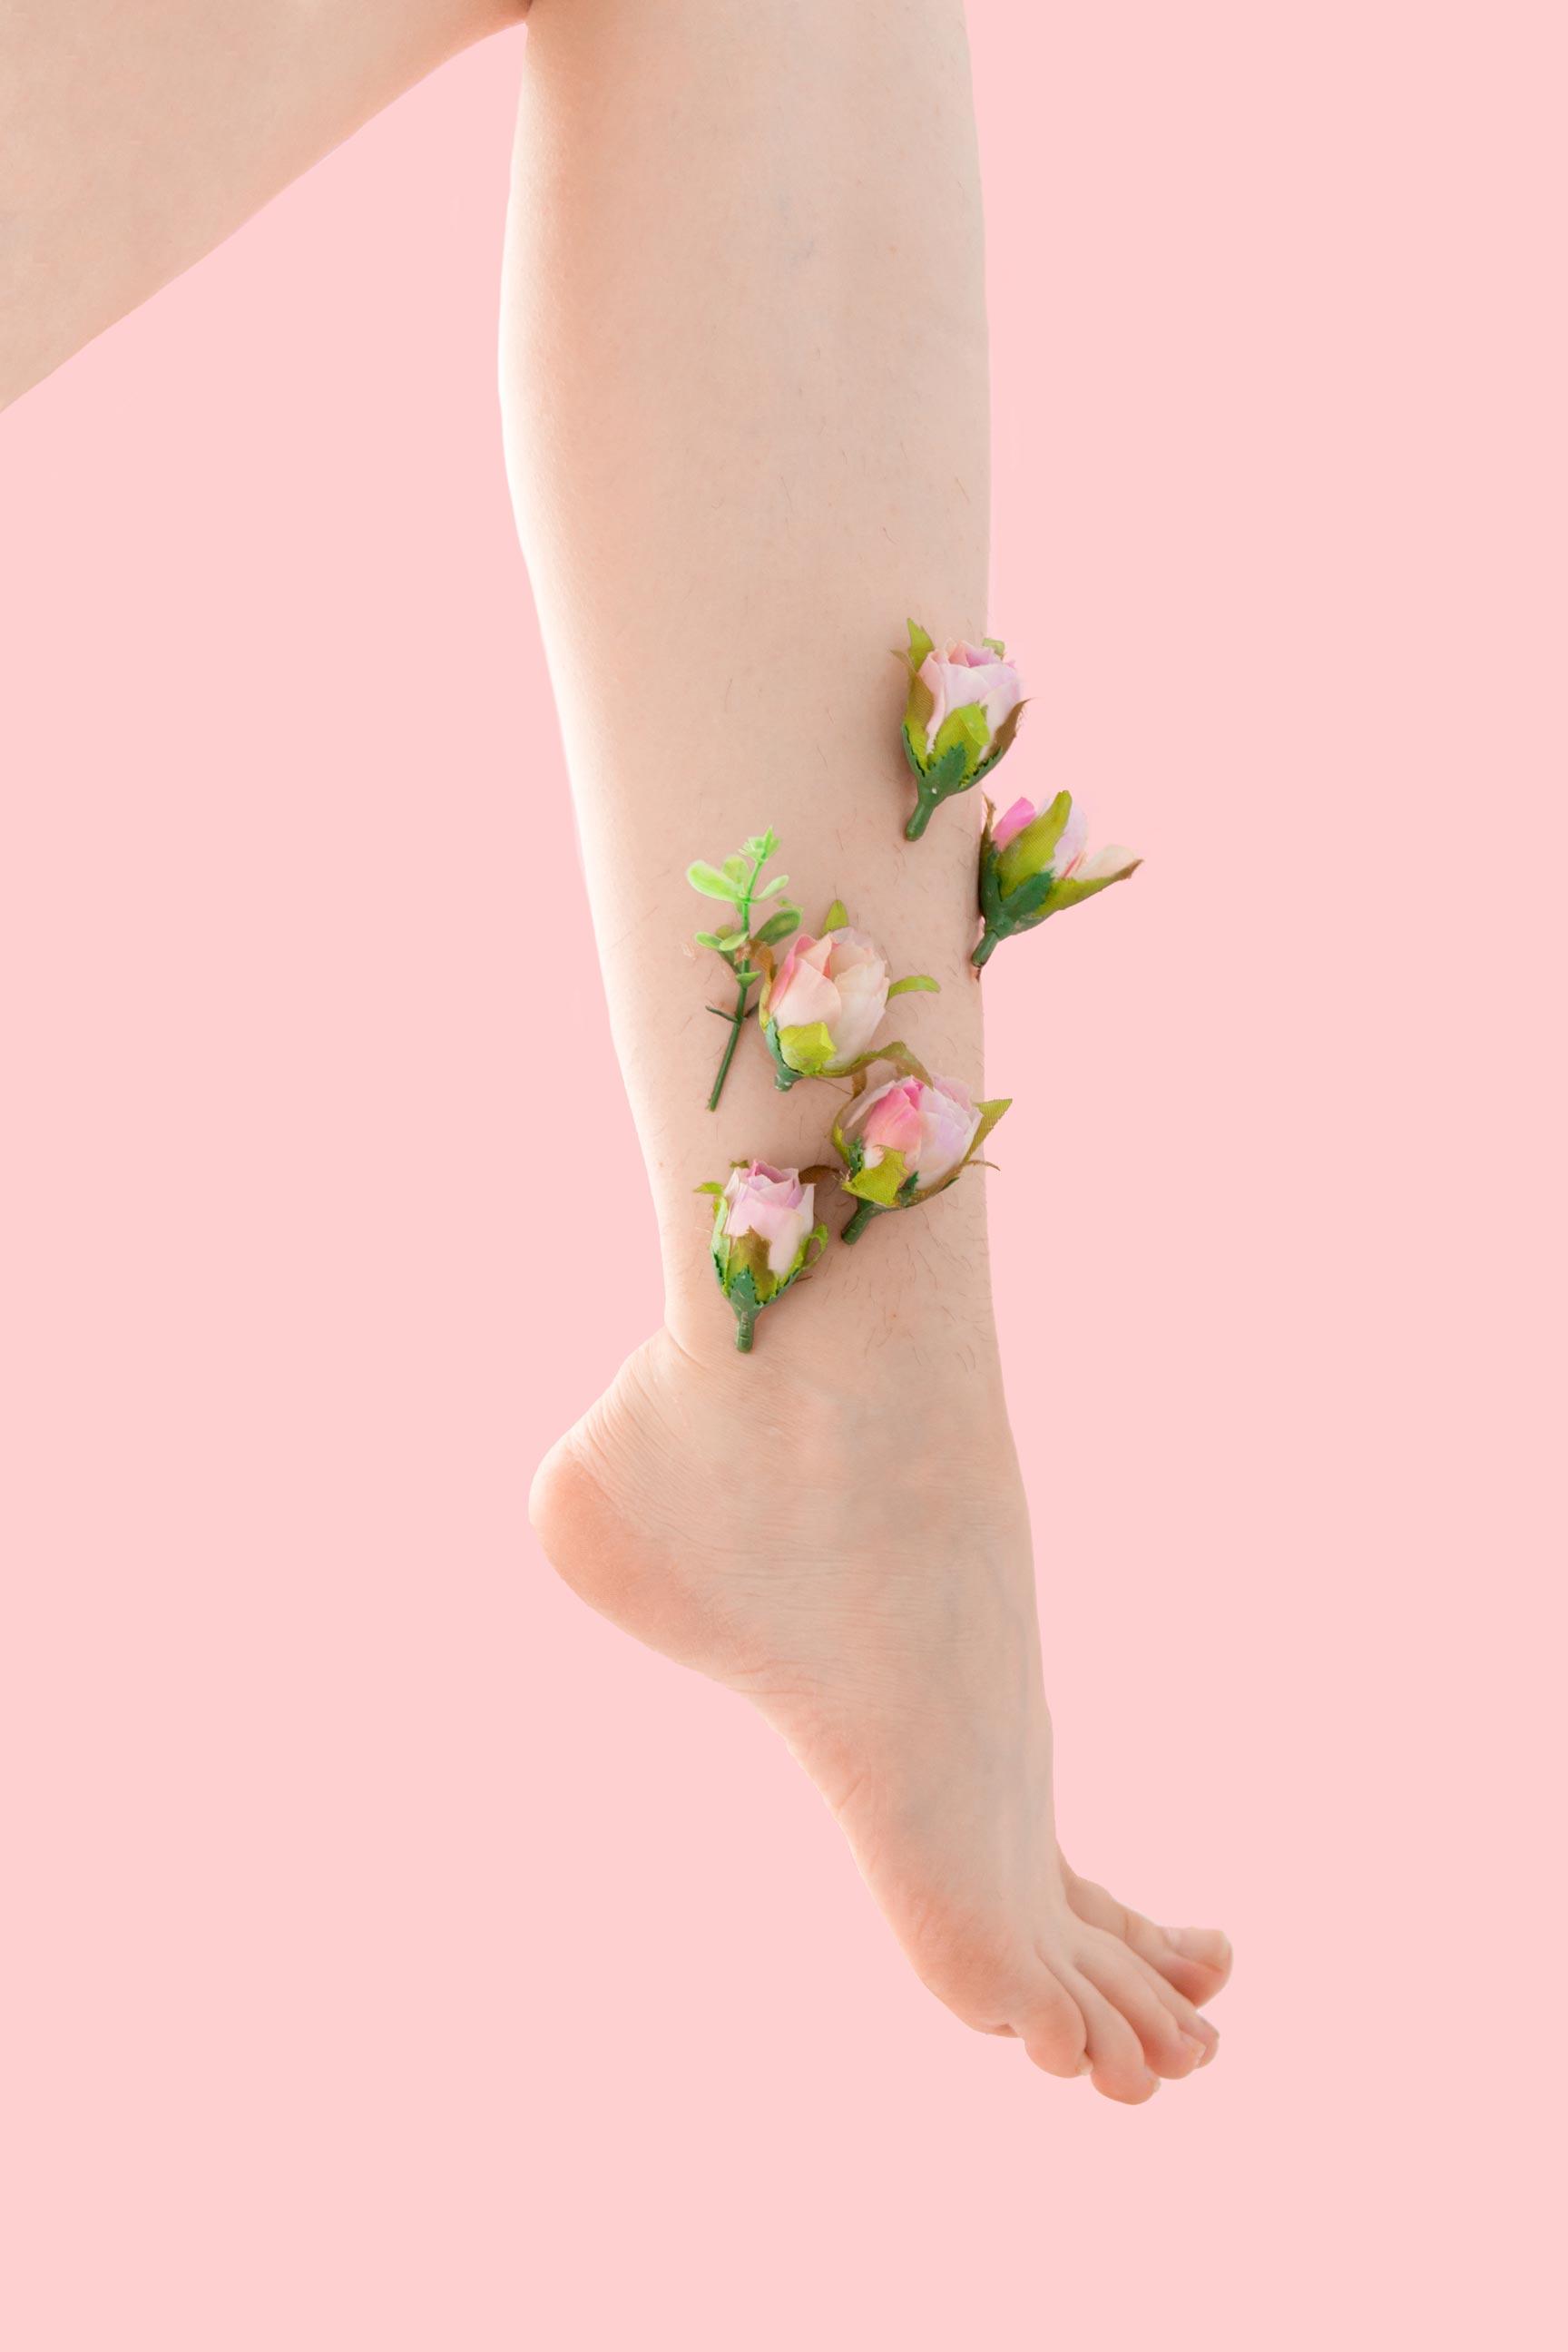 иллюстрация лазерной эпиляции и волос на ногах через визуальную метафору цветы отображают волосы на теле